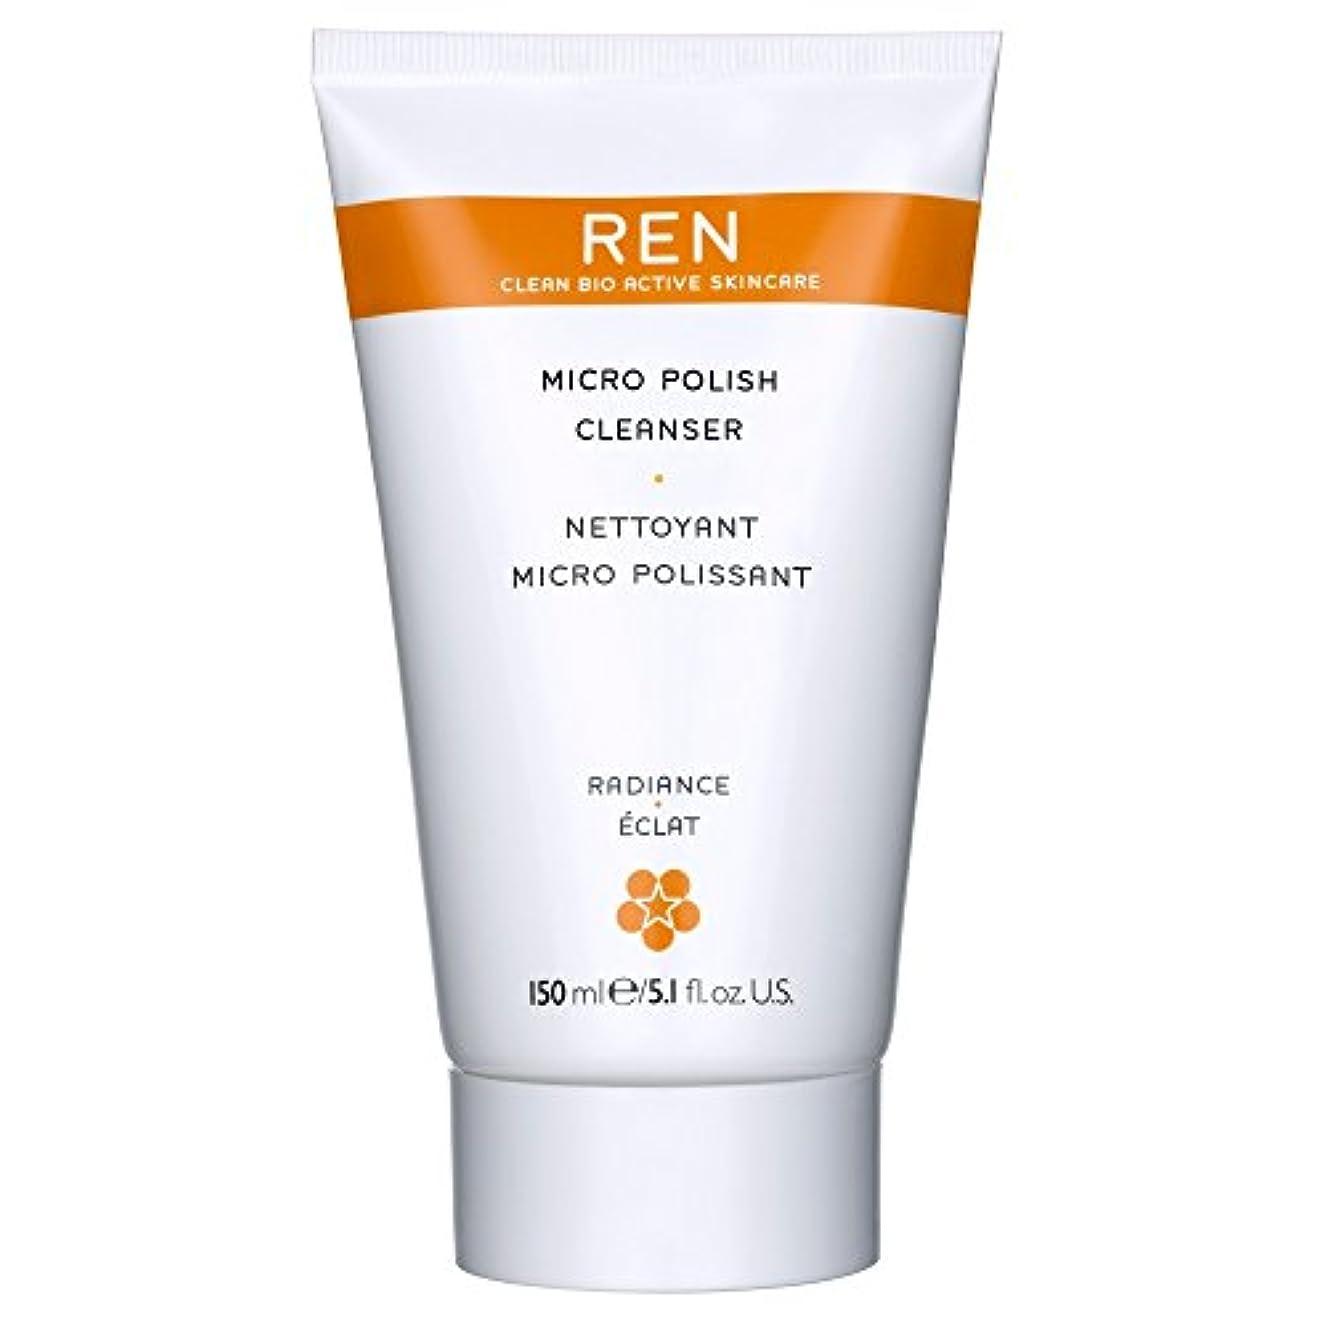 アルファベット順カウントアップ一貫性のないRenミルコ磨きクレンザー、150ミリリットル (REN) (x6) - REN Mirco Polish Cleanser, 150ml (Pack of 6) [並行輸入品]